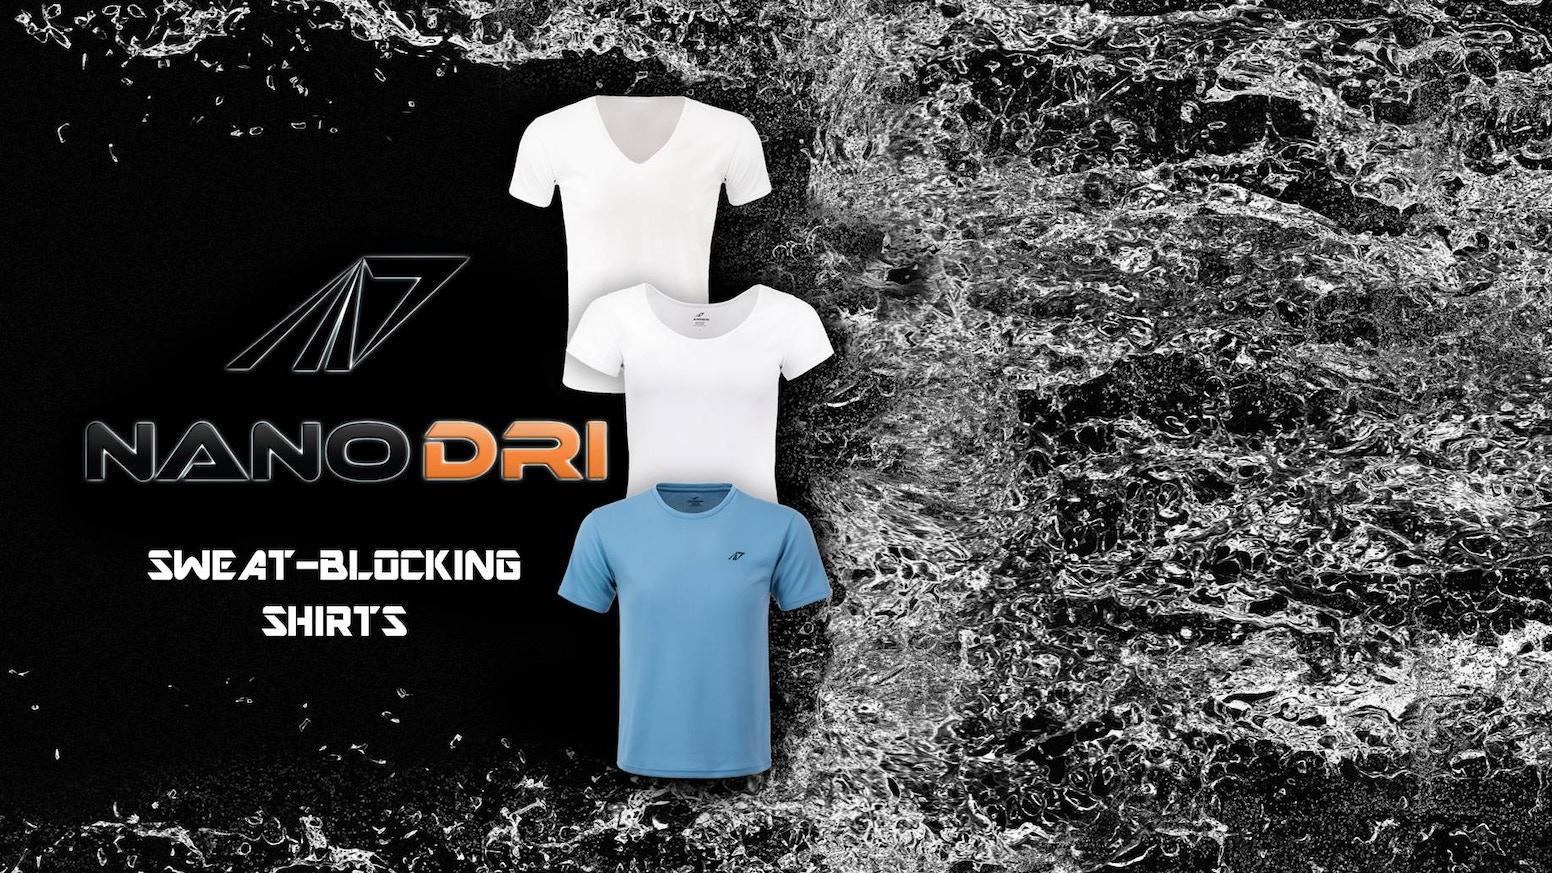 Nanodri Sweat Blocking Shirts From Japan By Progenomics Llc